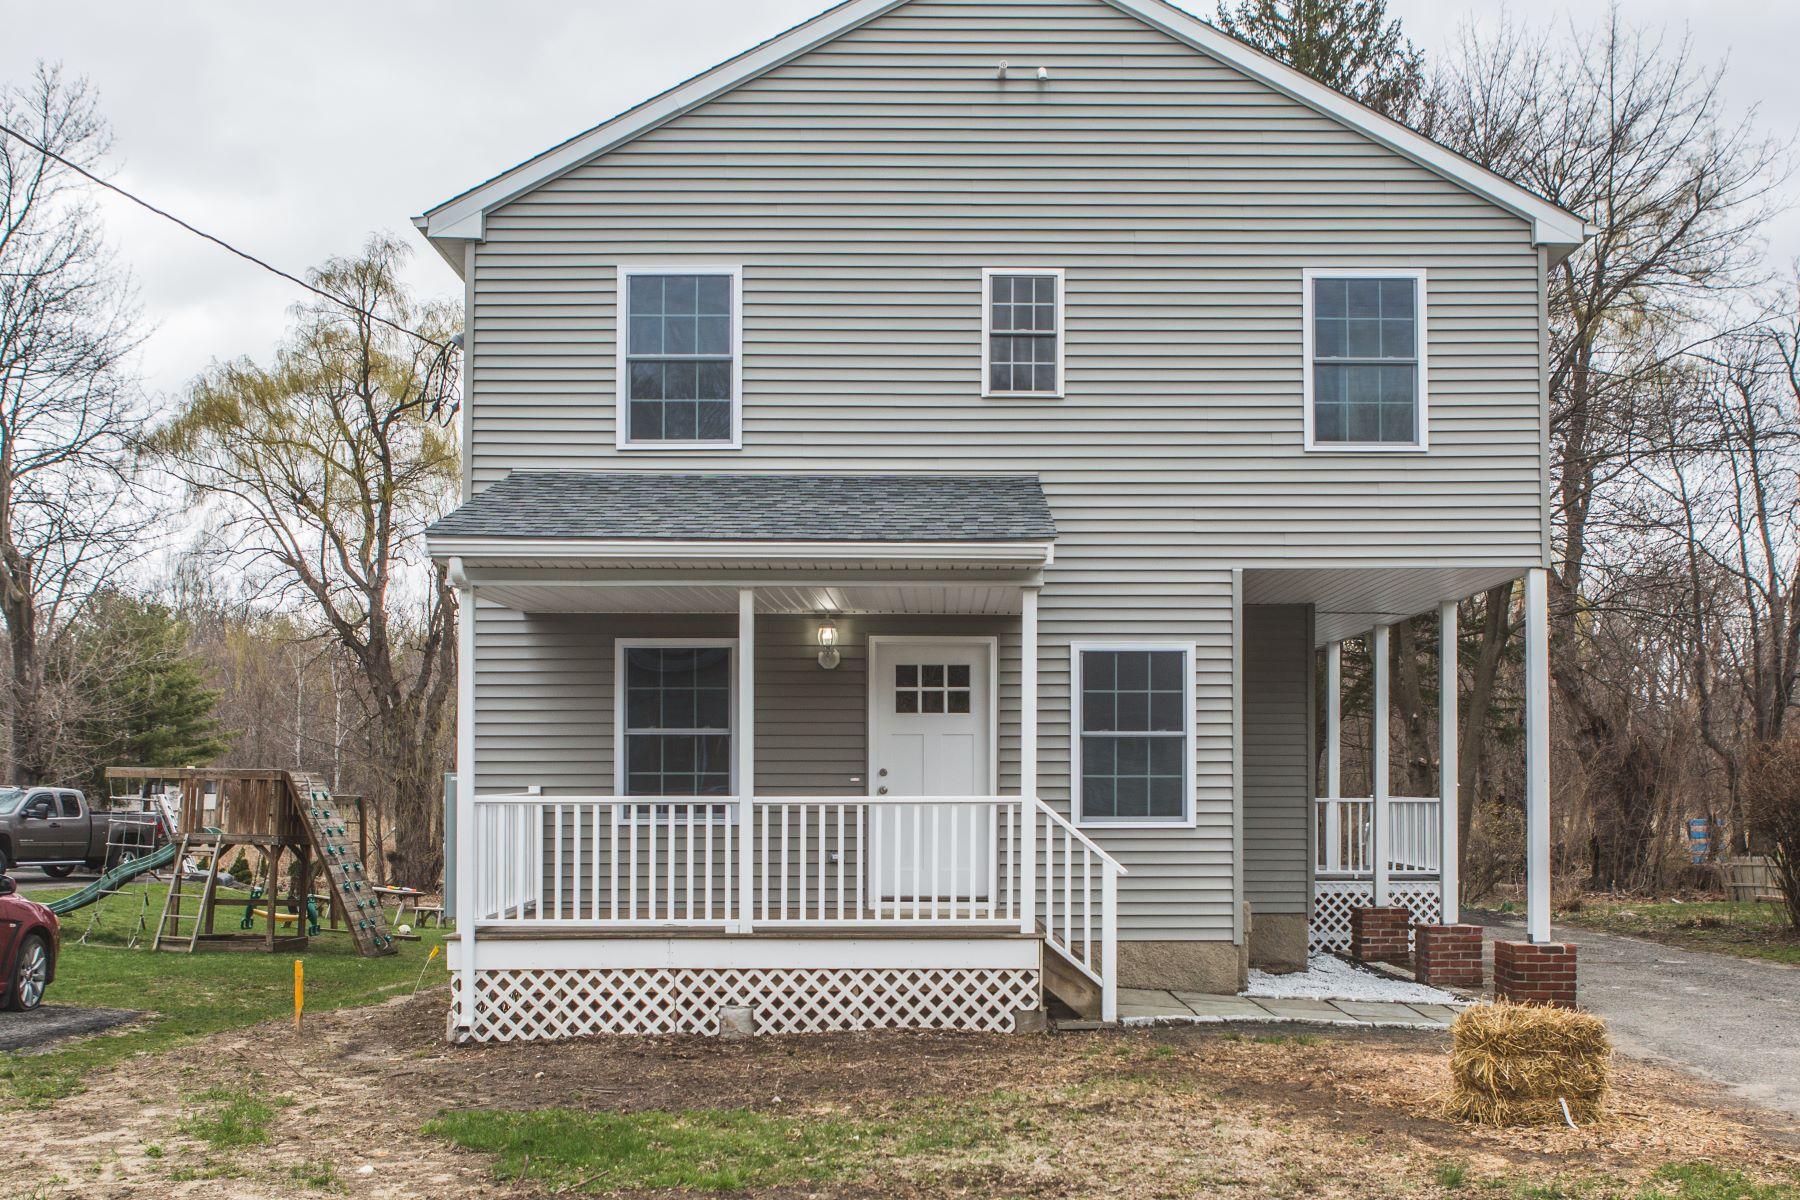 Duplex Homes для того Продажа на Premier Condition Duplex 90 Grassy Plain Street Bethel, Коннектикут 06801 Соединенные Штаты